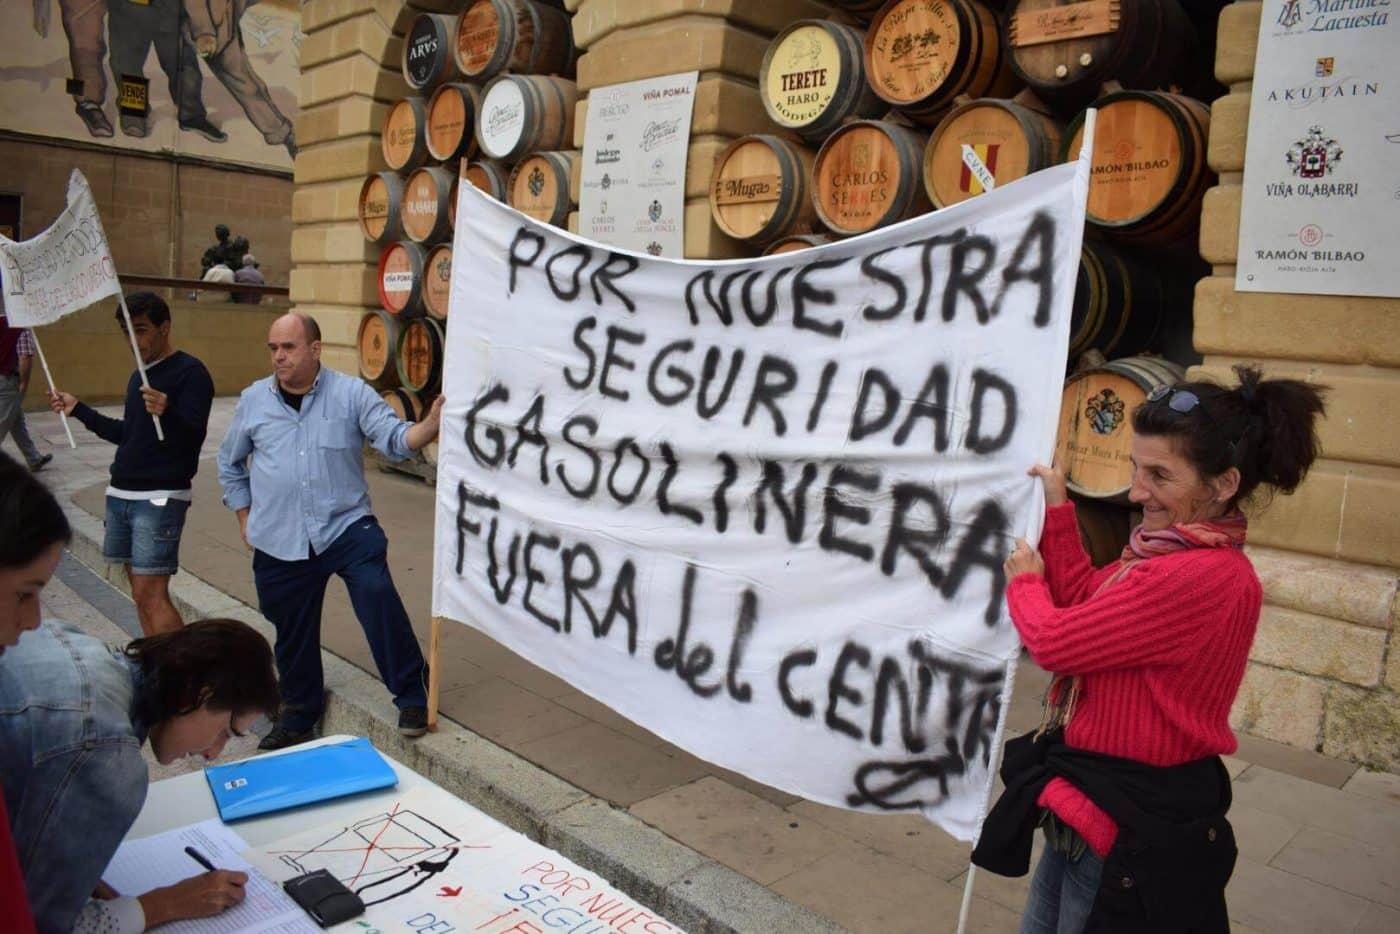 Los vecinos que piden el traslado de la gasolinera de la avenida de La Rioja se consolidan como asociación 7